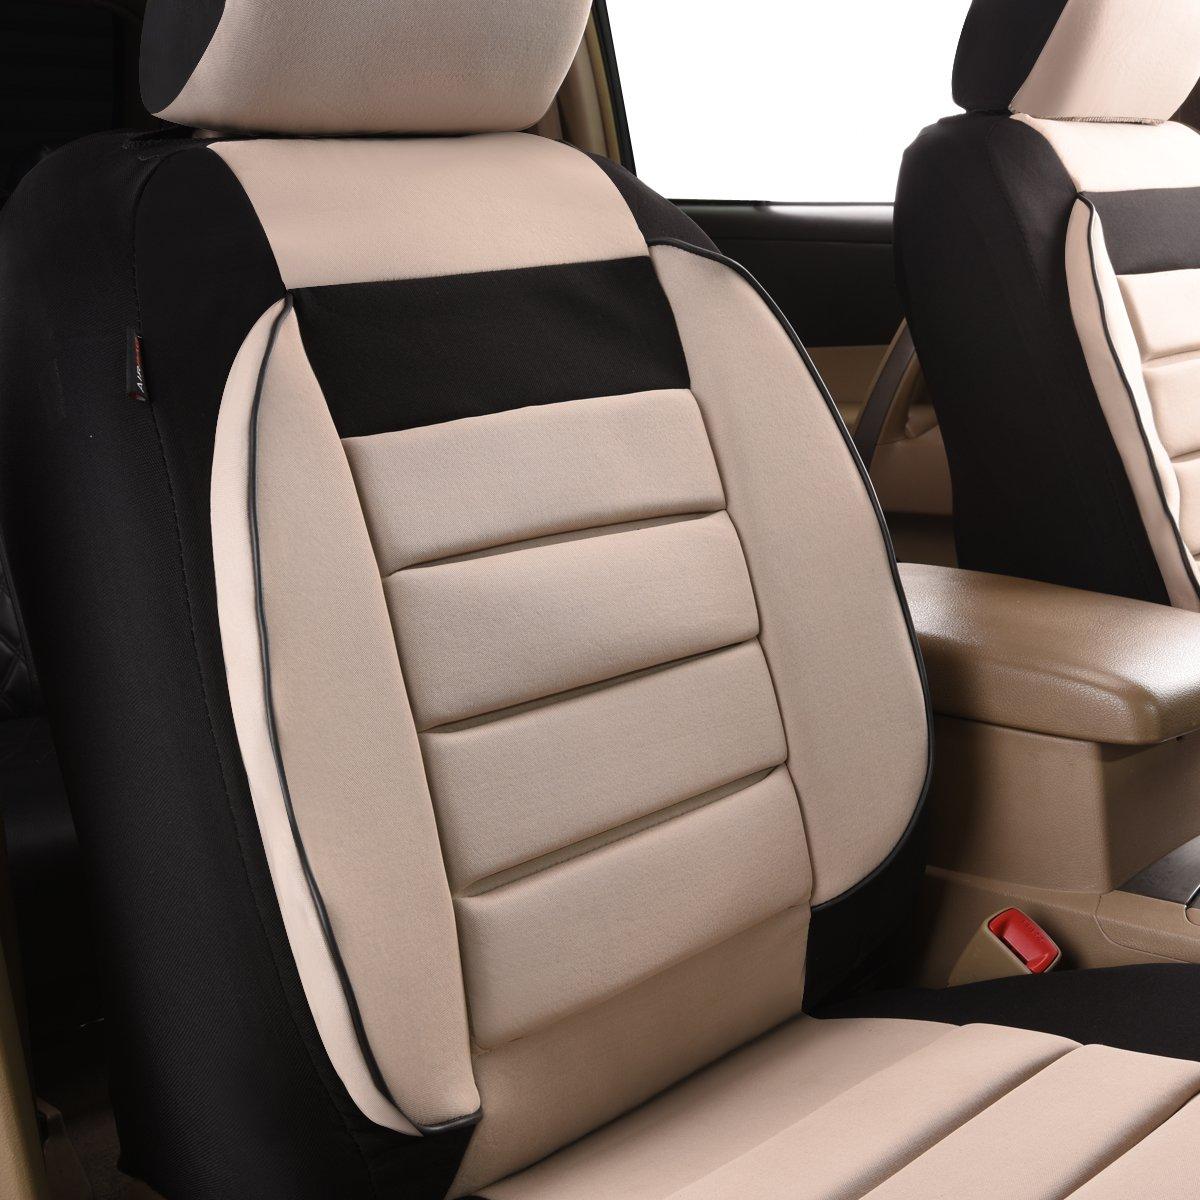 Airbag Compatible negro y gris con compuesto esponja interior CAR PASS 6pcs Elegance Universal Automobile Juego de fundas para asientos delanteros package-fit para veh/ículos